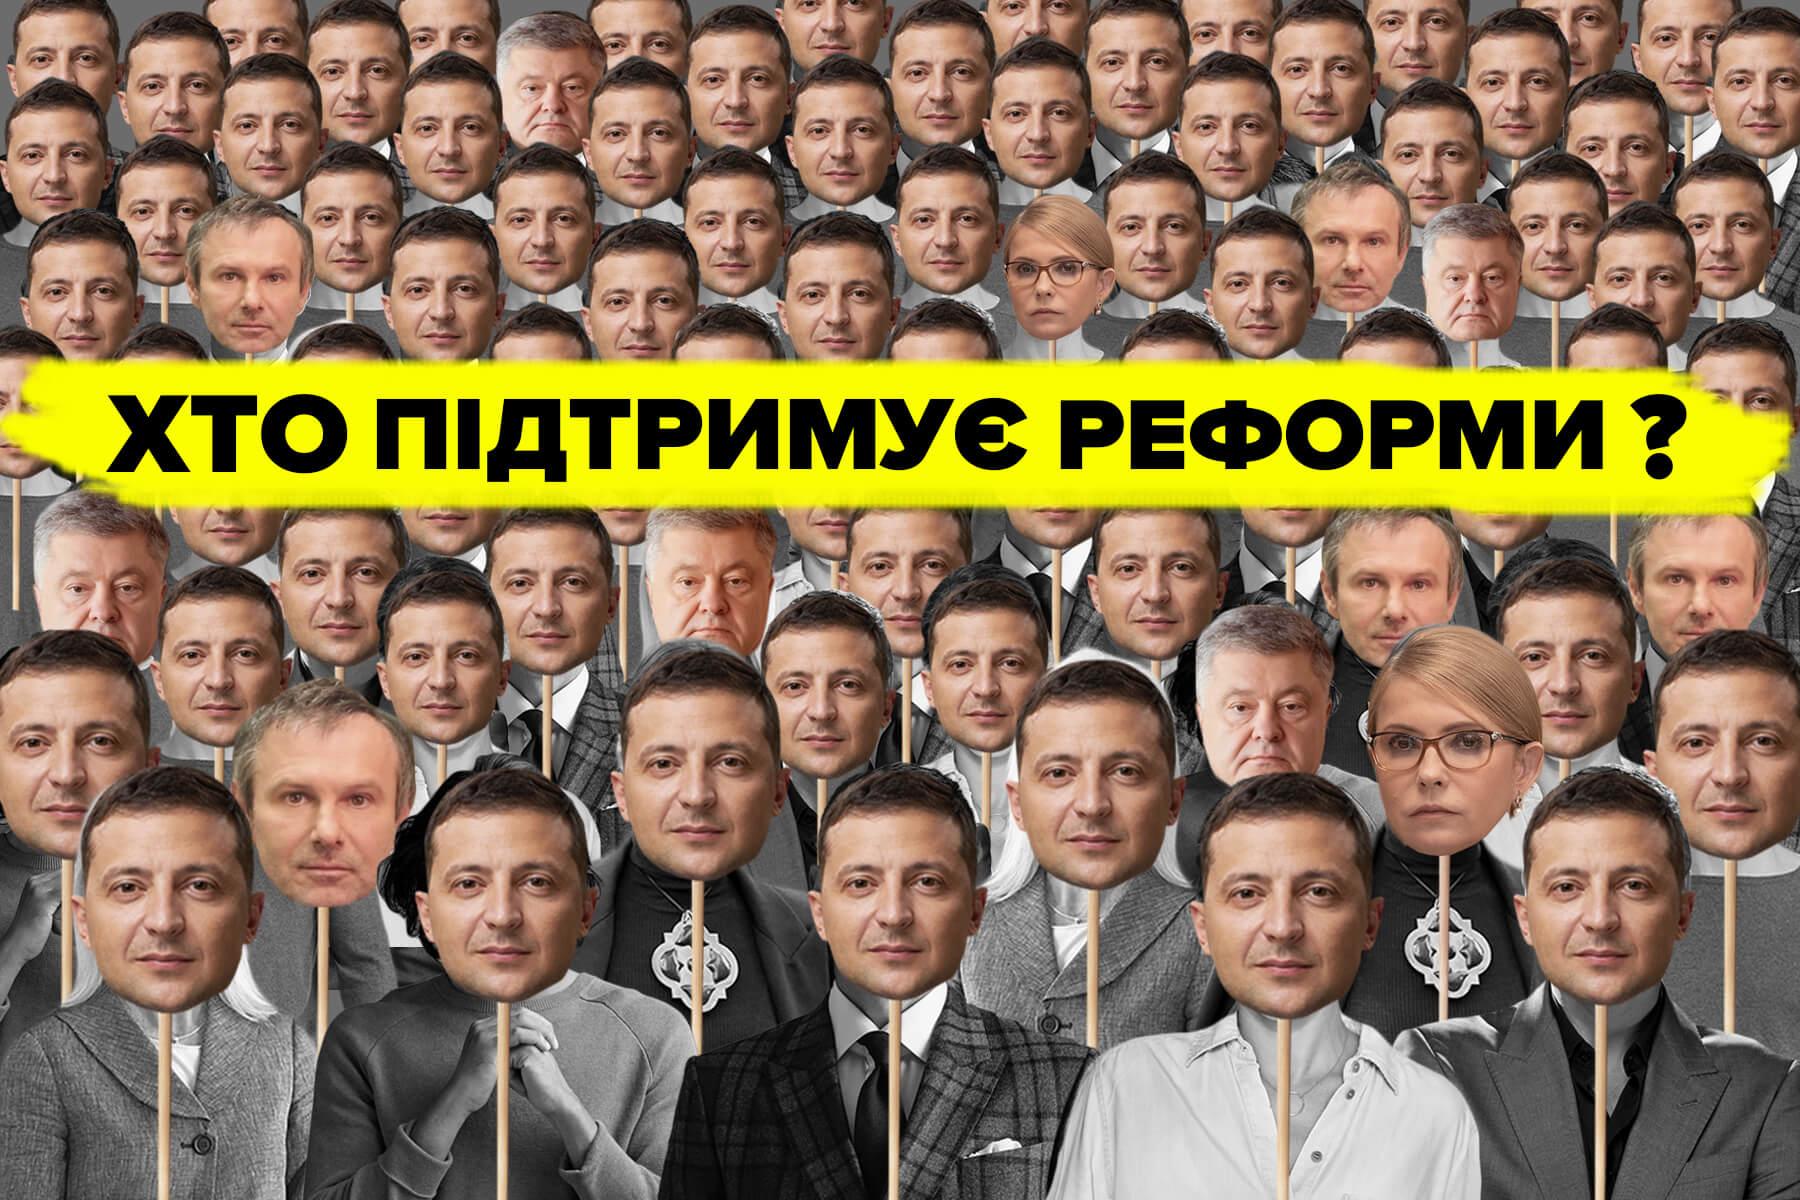 187 перших: змагання з ефективності в новому парламенті